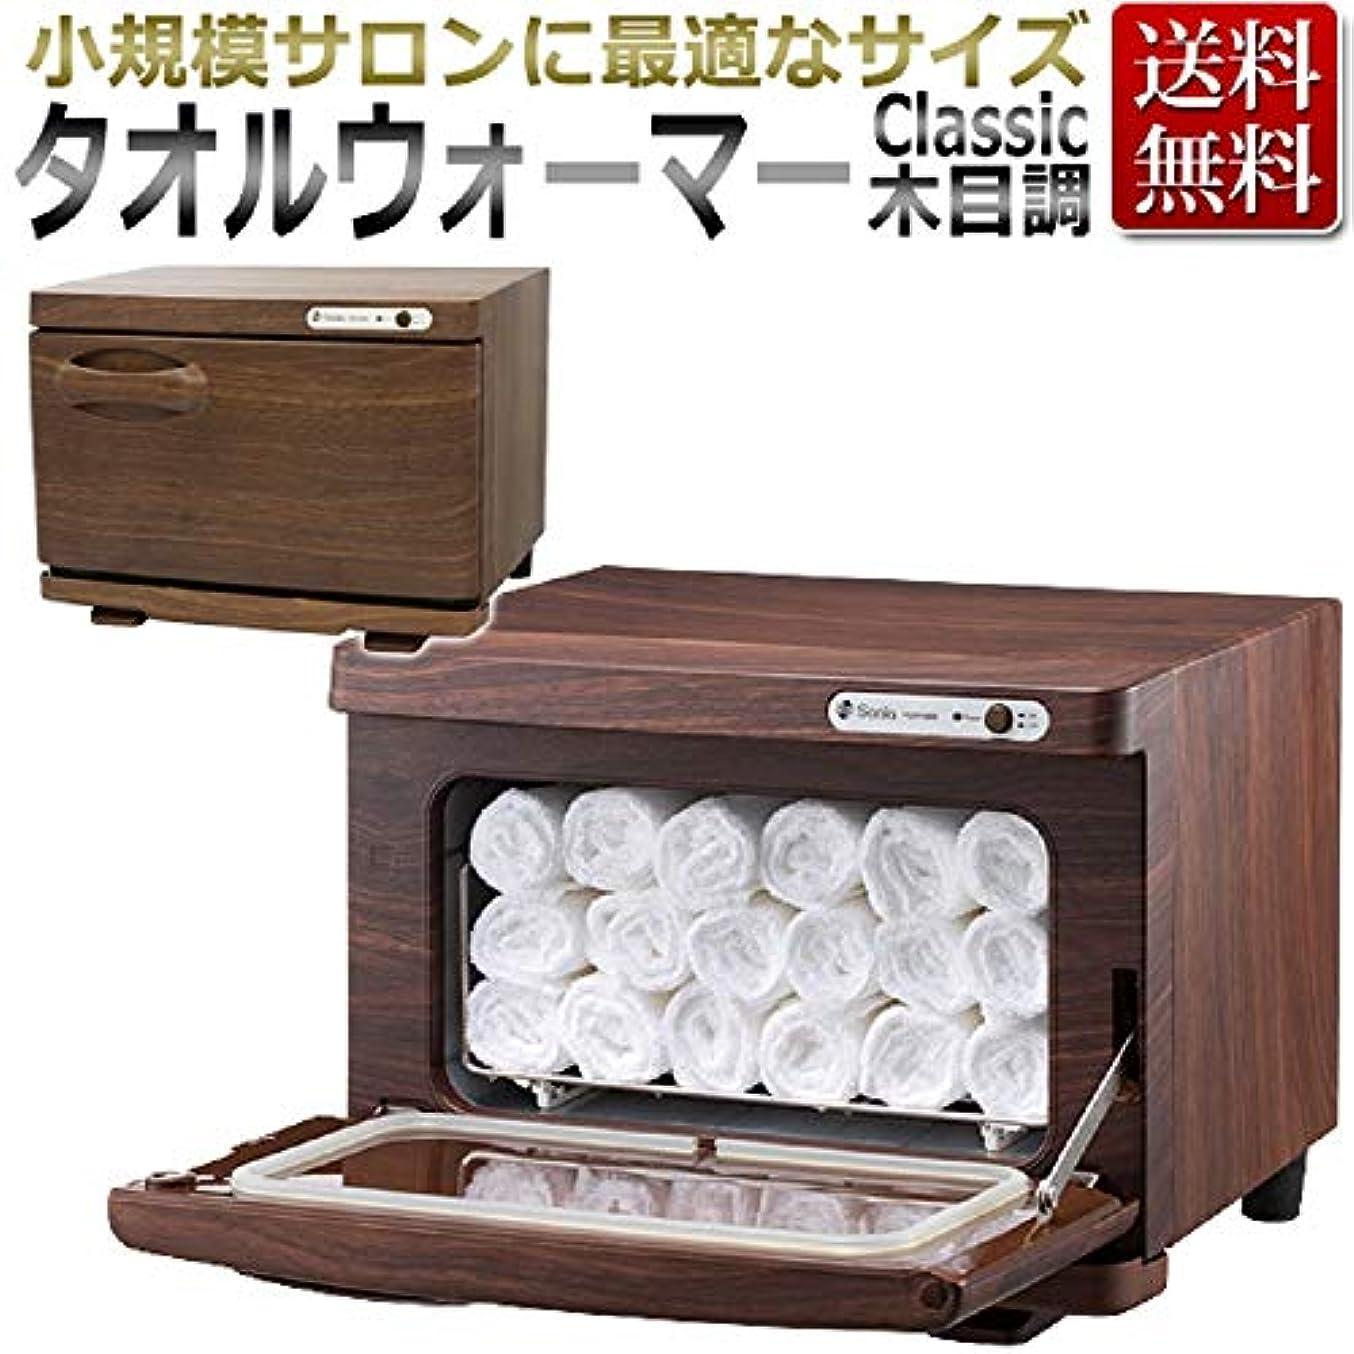 工業化するベッドオークションタオルウォーマー Classic 木目調 ホットキャビ / 7.5リットル